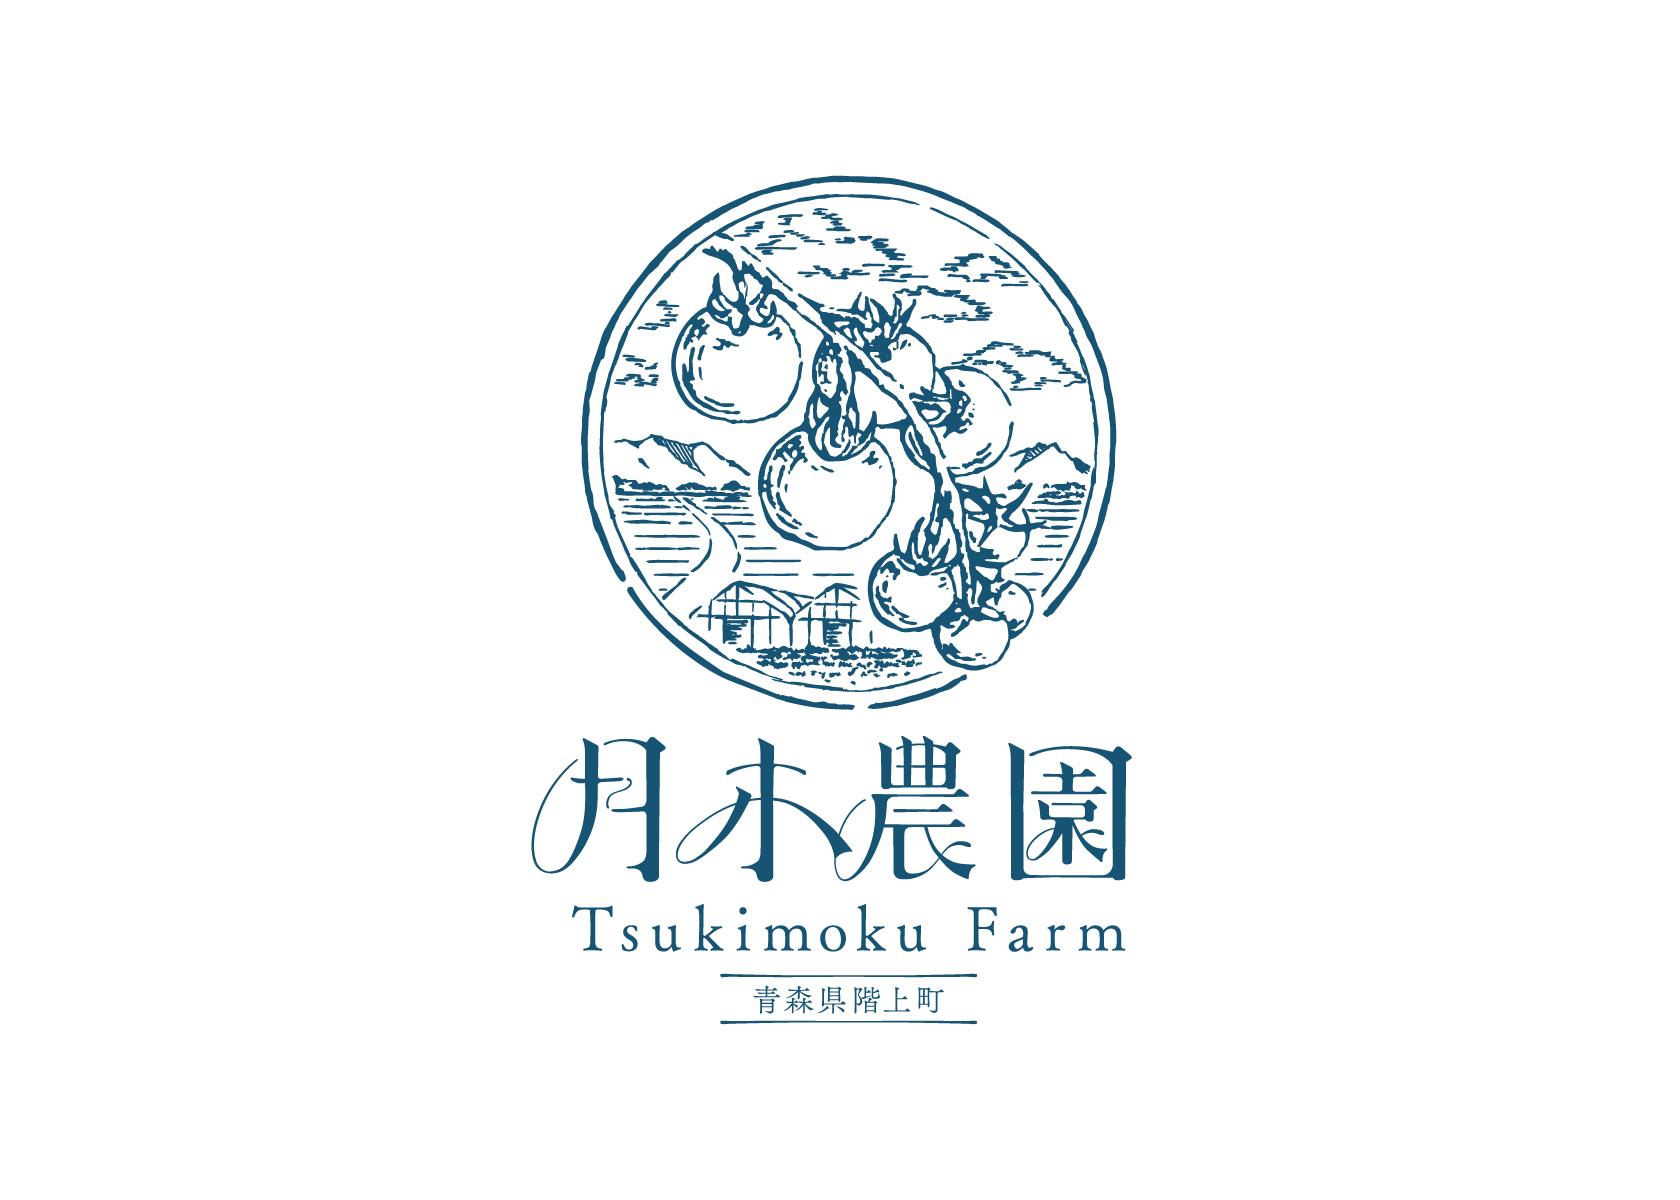 月木農園 ロゴ